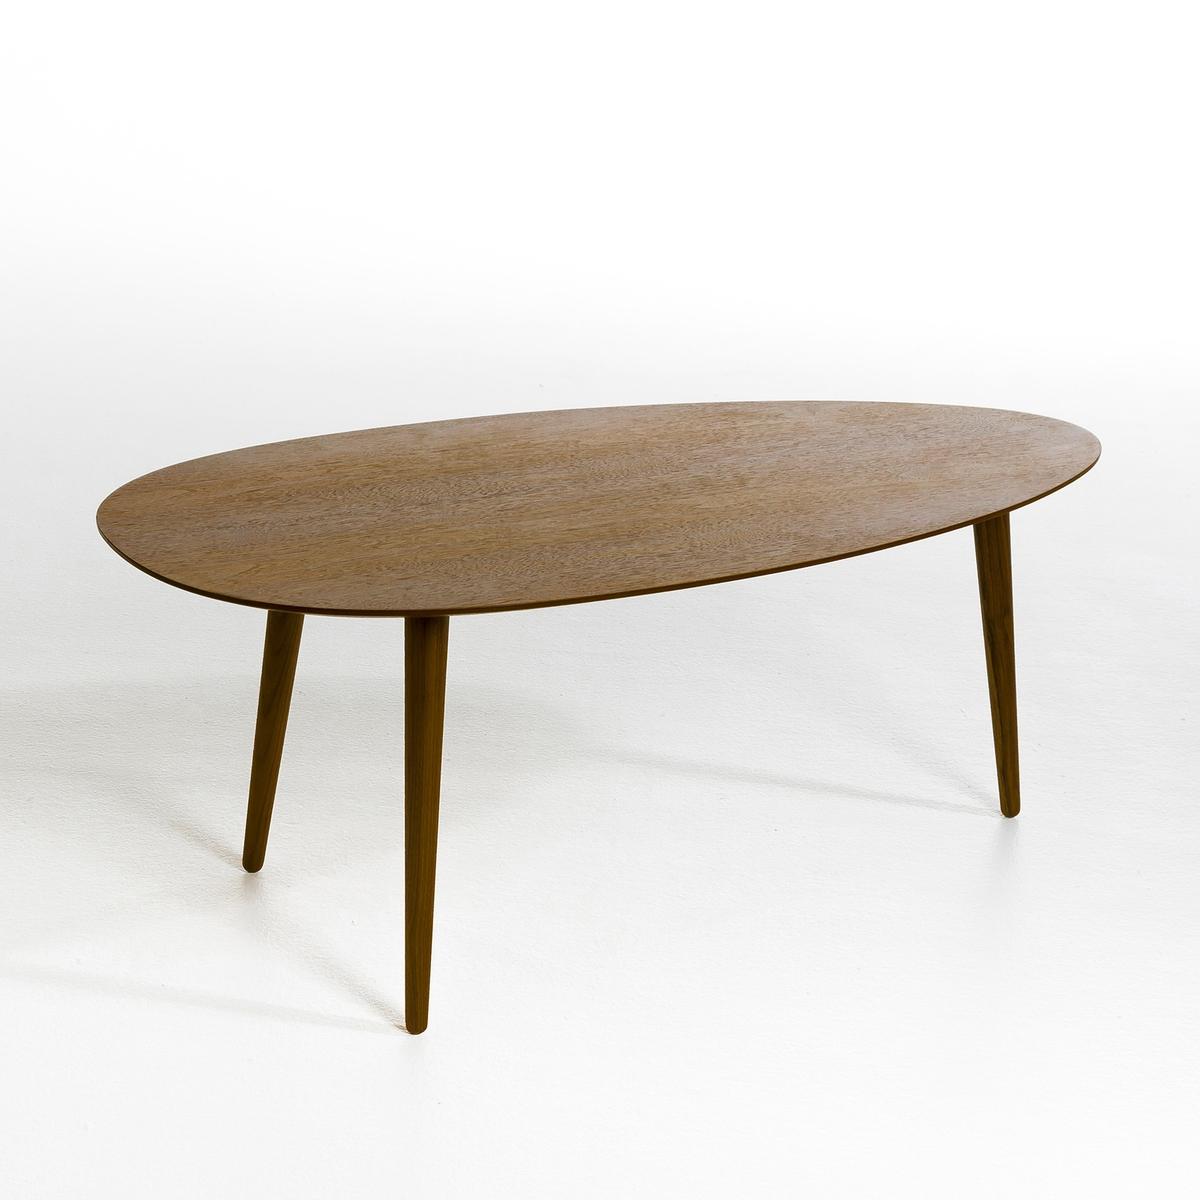 Журнальный столик из каучукового дерева с лакированным покрытием  Дл70 см, FlashbackЖурнальный столик из каучукового дерева с лакированным покрытием Flashback. Добавьте нотку ностальгии в ваш интерьер с этим круглым столом в ретро стиле  .Характеристики: :Столешница из МДФ  .Ножки из массива орехового дерева . Размеры :- Ш.70 x В.35 x Г.35 см.Размеры и вес коробки :- 78 x 8,5 x 40 см, 4,5 кг Чтобы сохранить внешний вид лакированного покрытия столешницы, рекомендуем избегать ударов и порезов, от которых на покрытии остаются микроцарапины. Настоятельно рекомендуем использовать подставки под тарелки и стаканы.<br><br>Цвет: ореховый